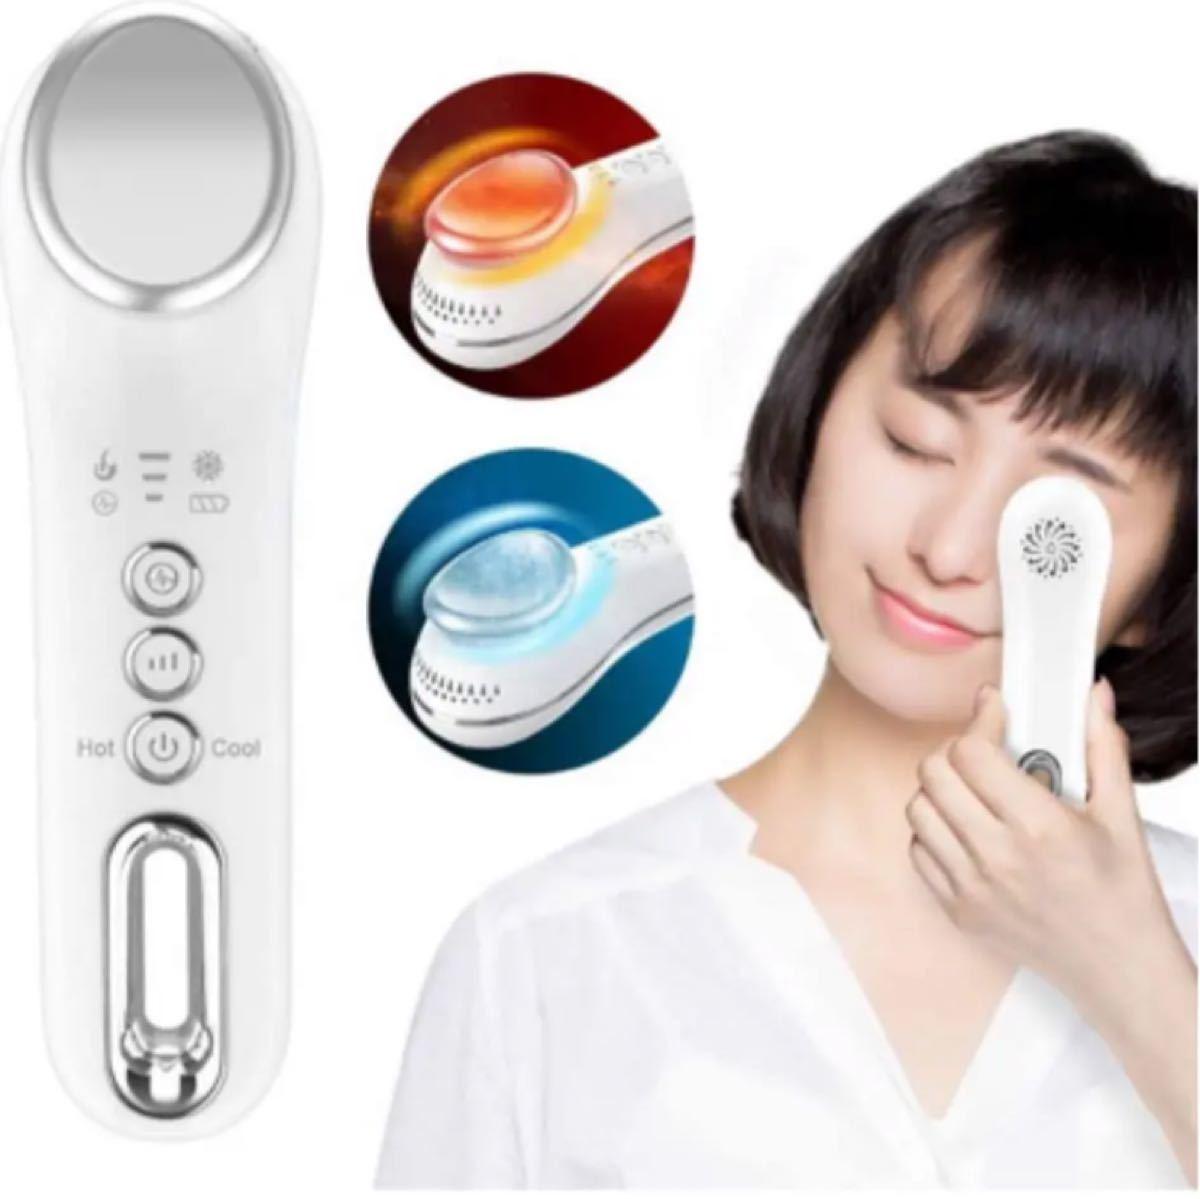 【温冷ケア】目元マッサージャー アイマッサージャー 温度調節 目元ヒーター USB充電式 振動 エステ 美顔器